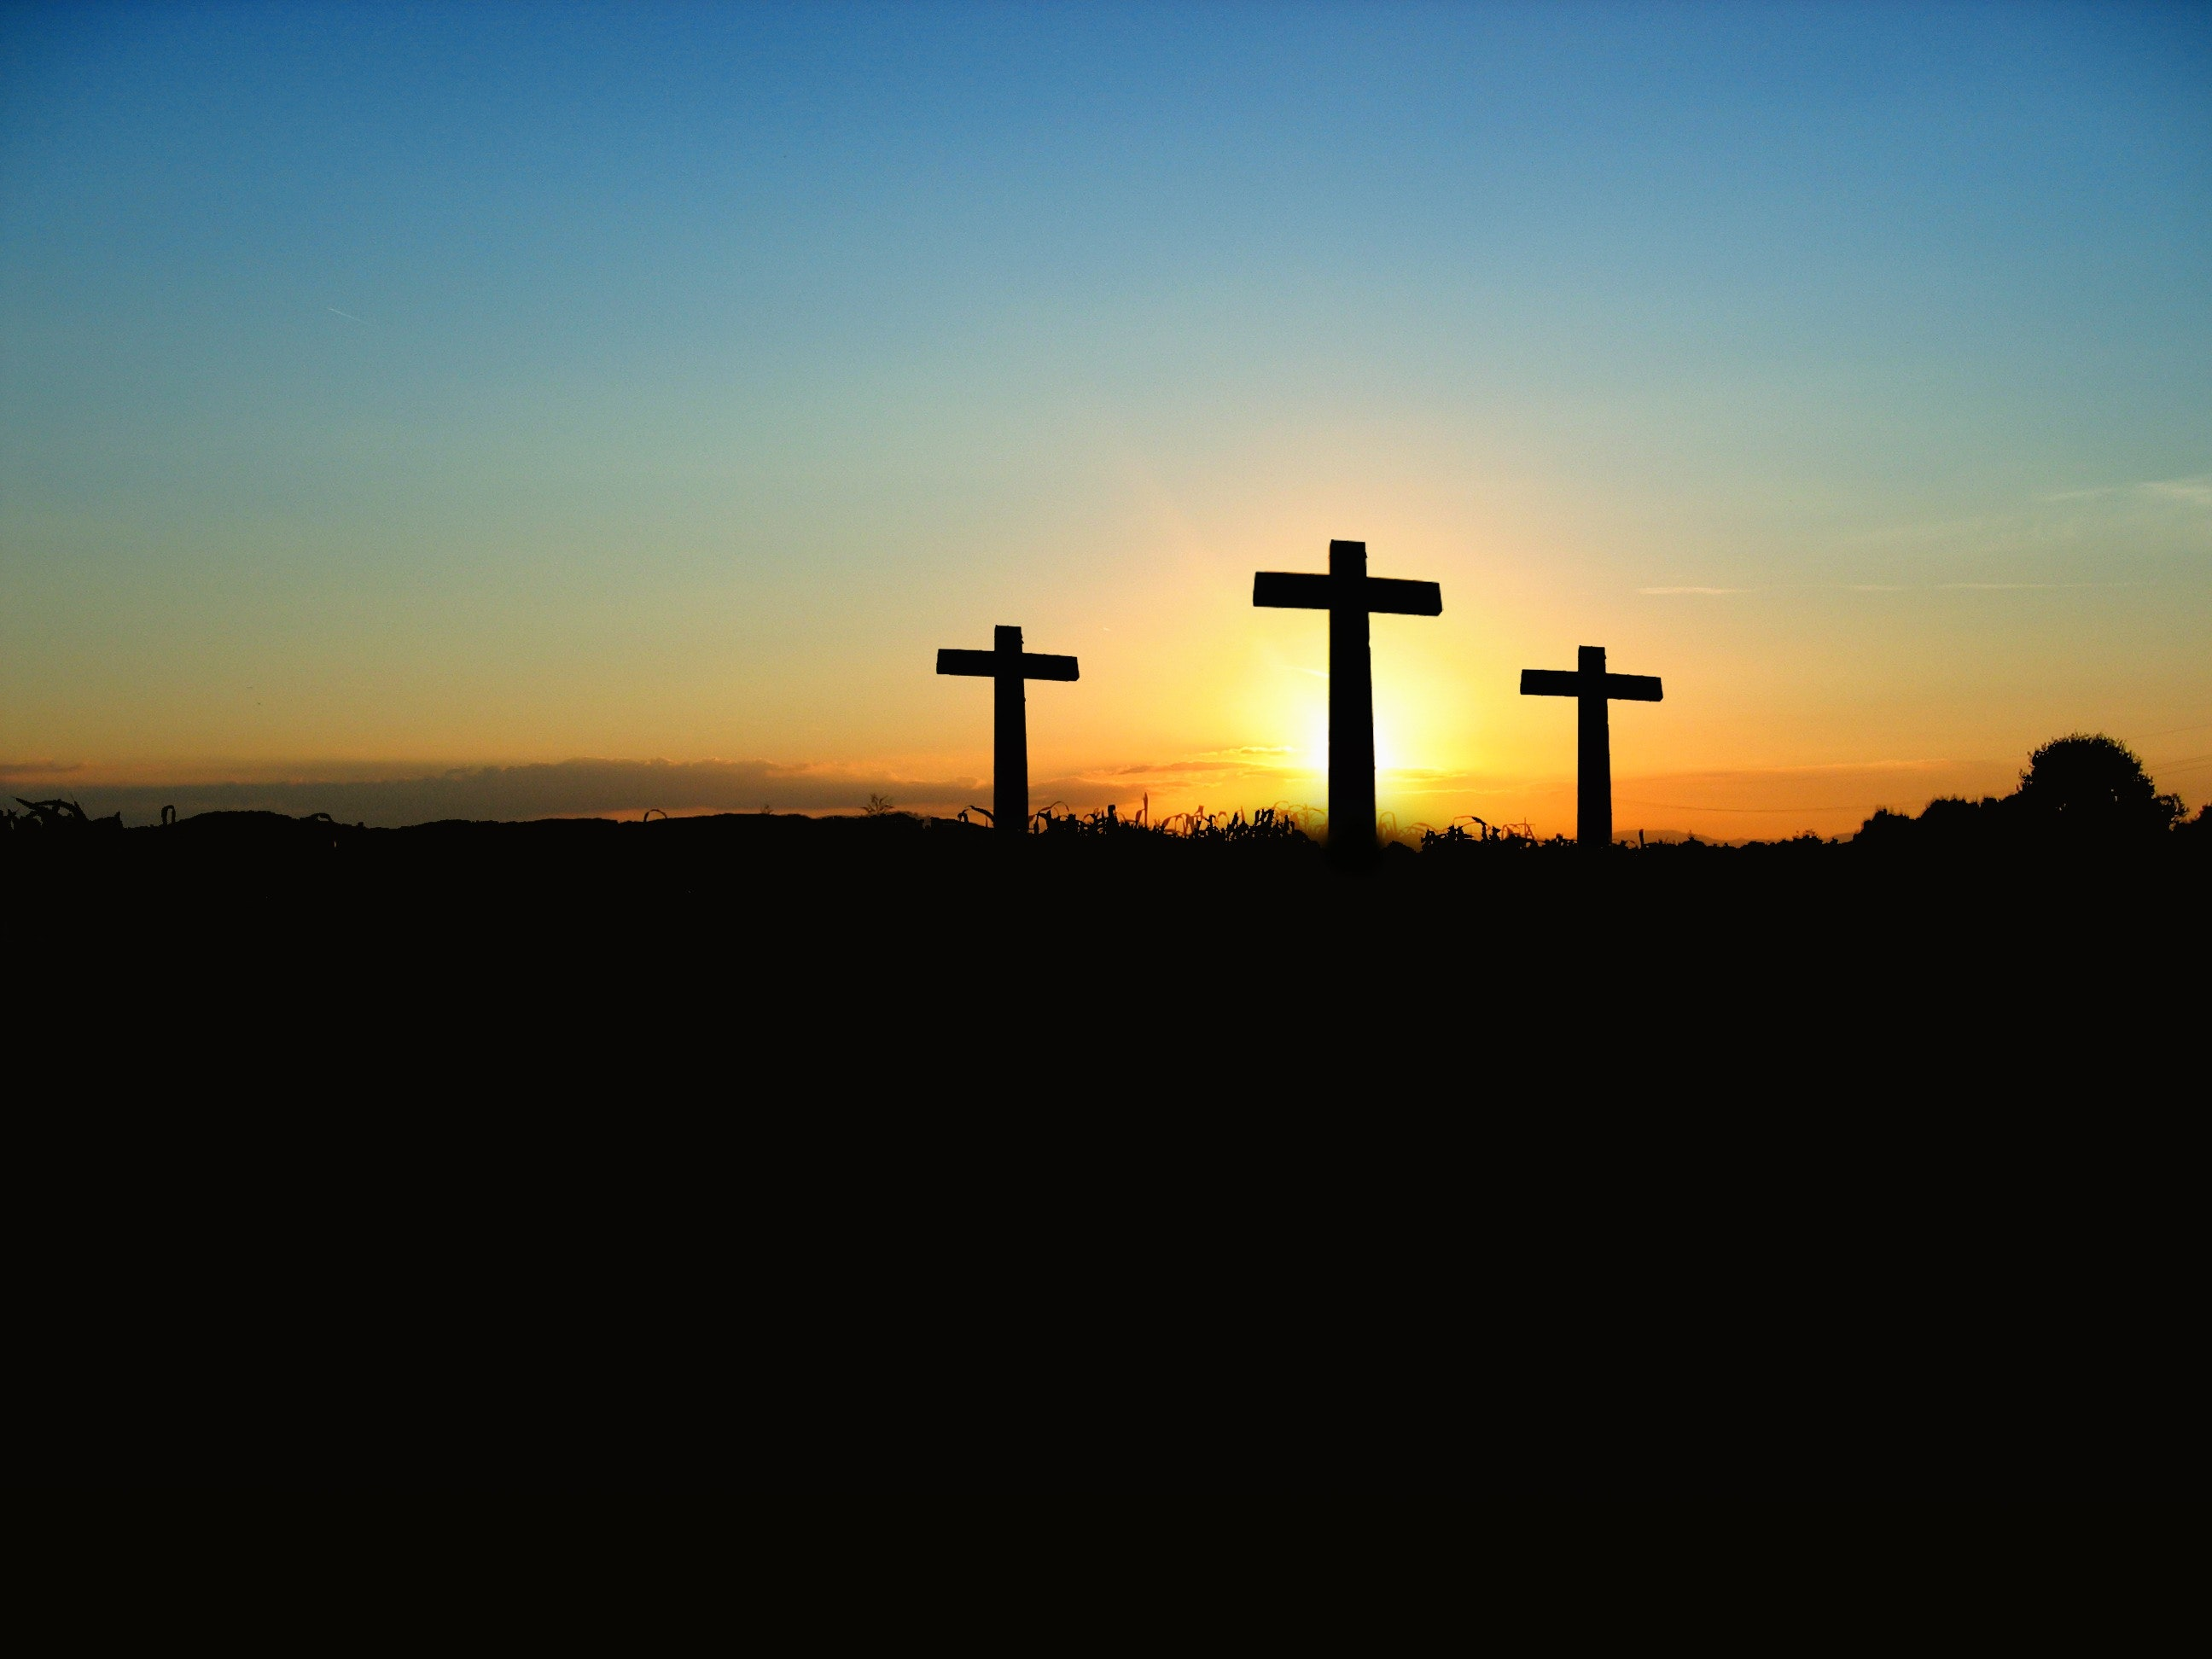 Three Cross Silhoutte